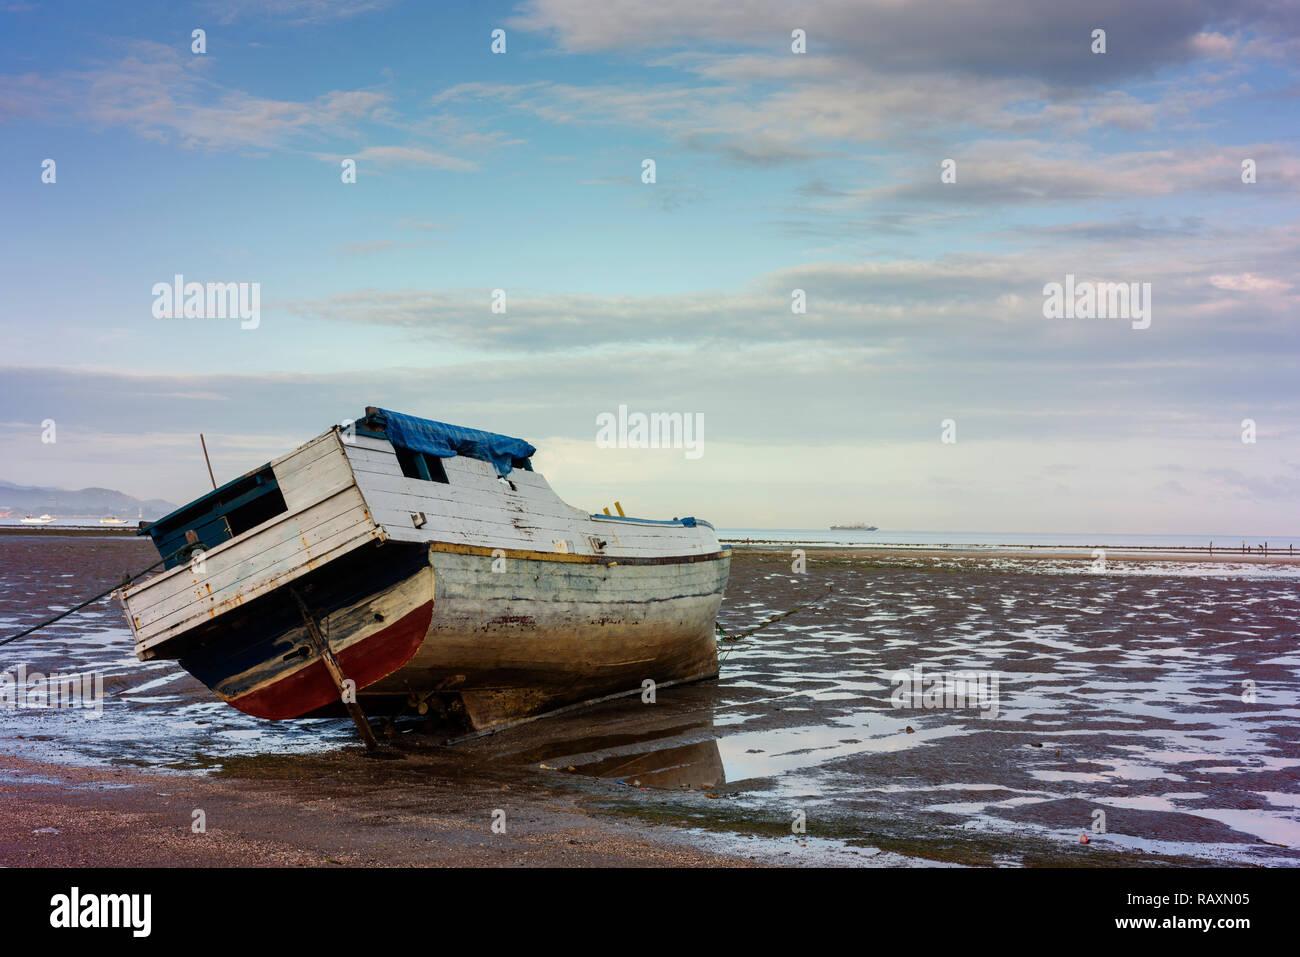 Un bateau traditionnel se trouve sur le sable à marée basse à Dili. Banque D'Images